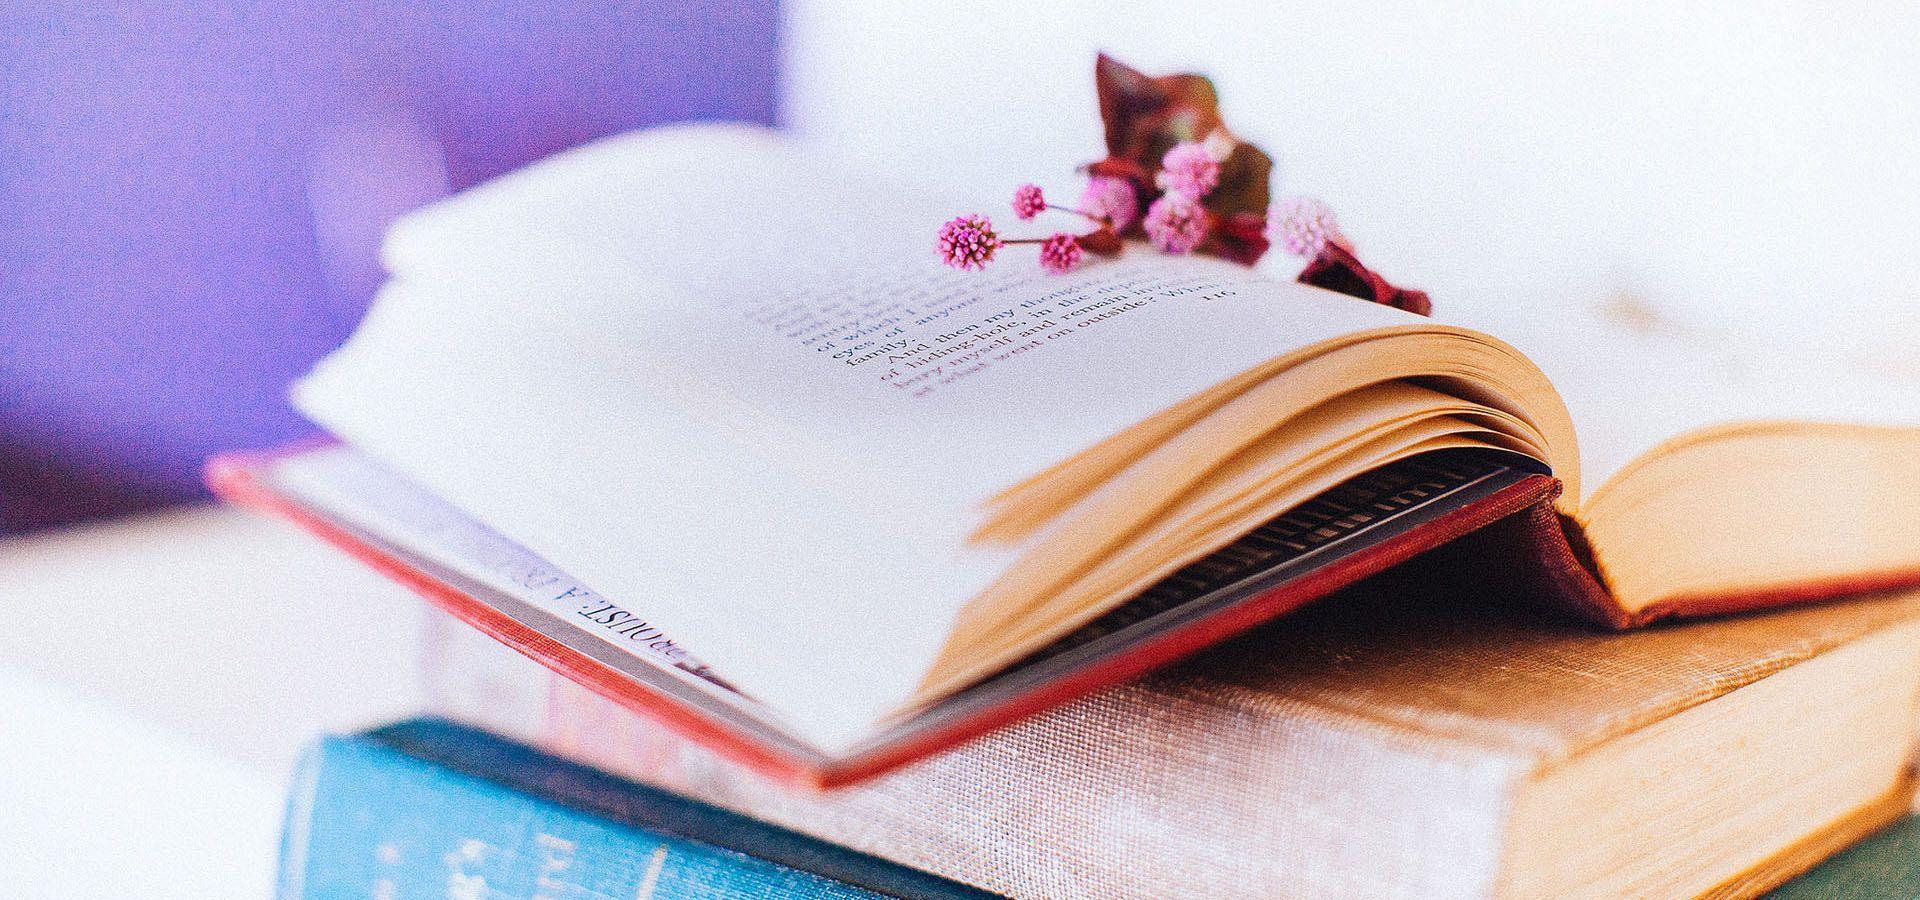 الكتب الأدبية الأوروبية خلفية جديدة Card Holder Cards